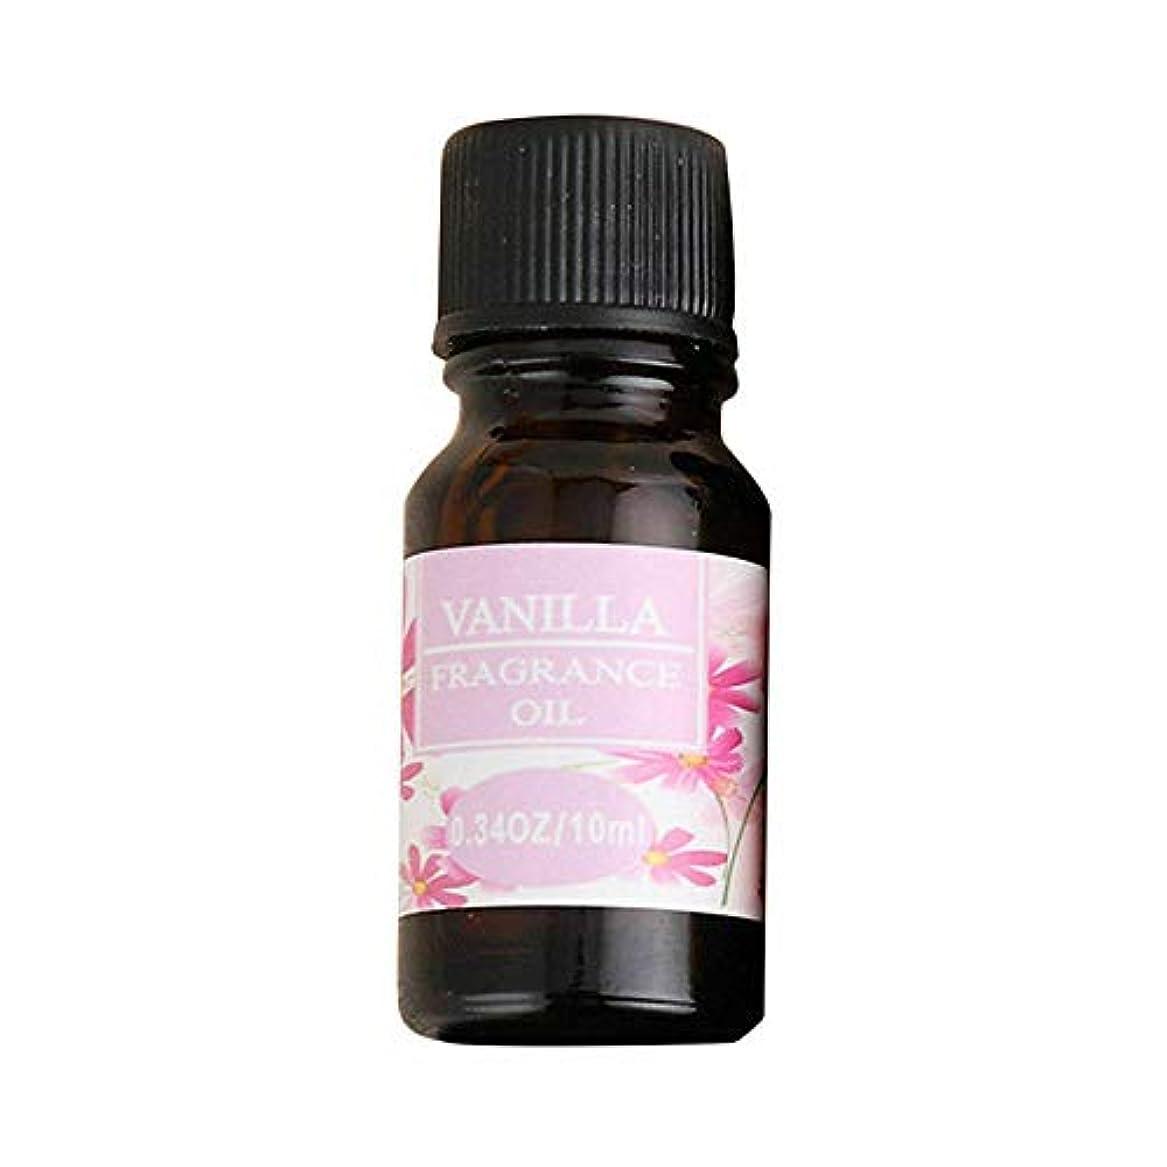 蜂生理継承100%純正 アロマエッセンシャルオイル 天然 無添加 厳選精油 10ml (バニラ)